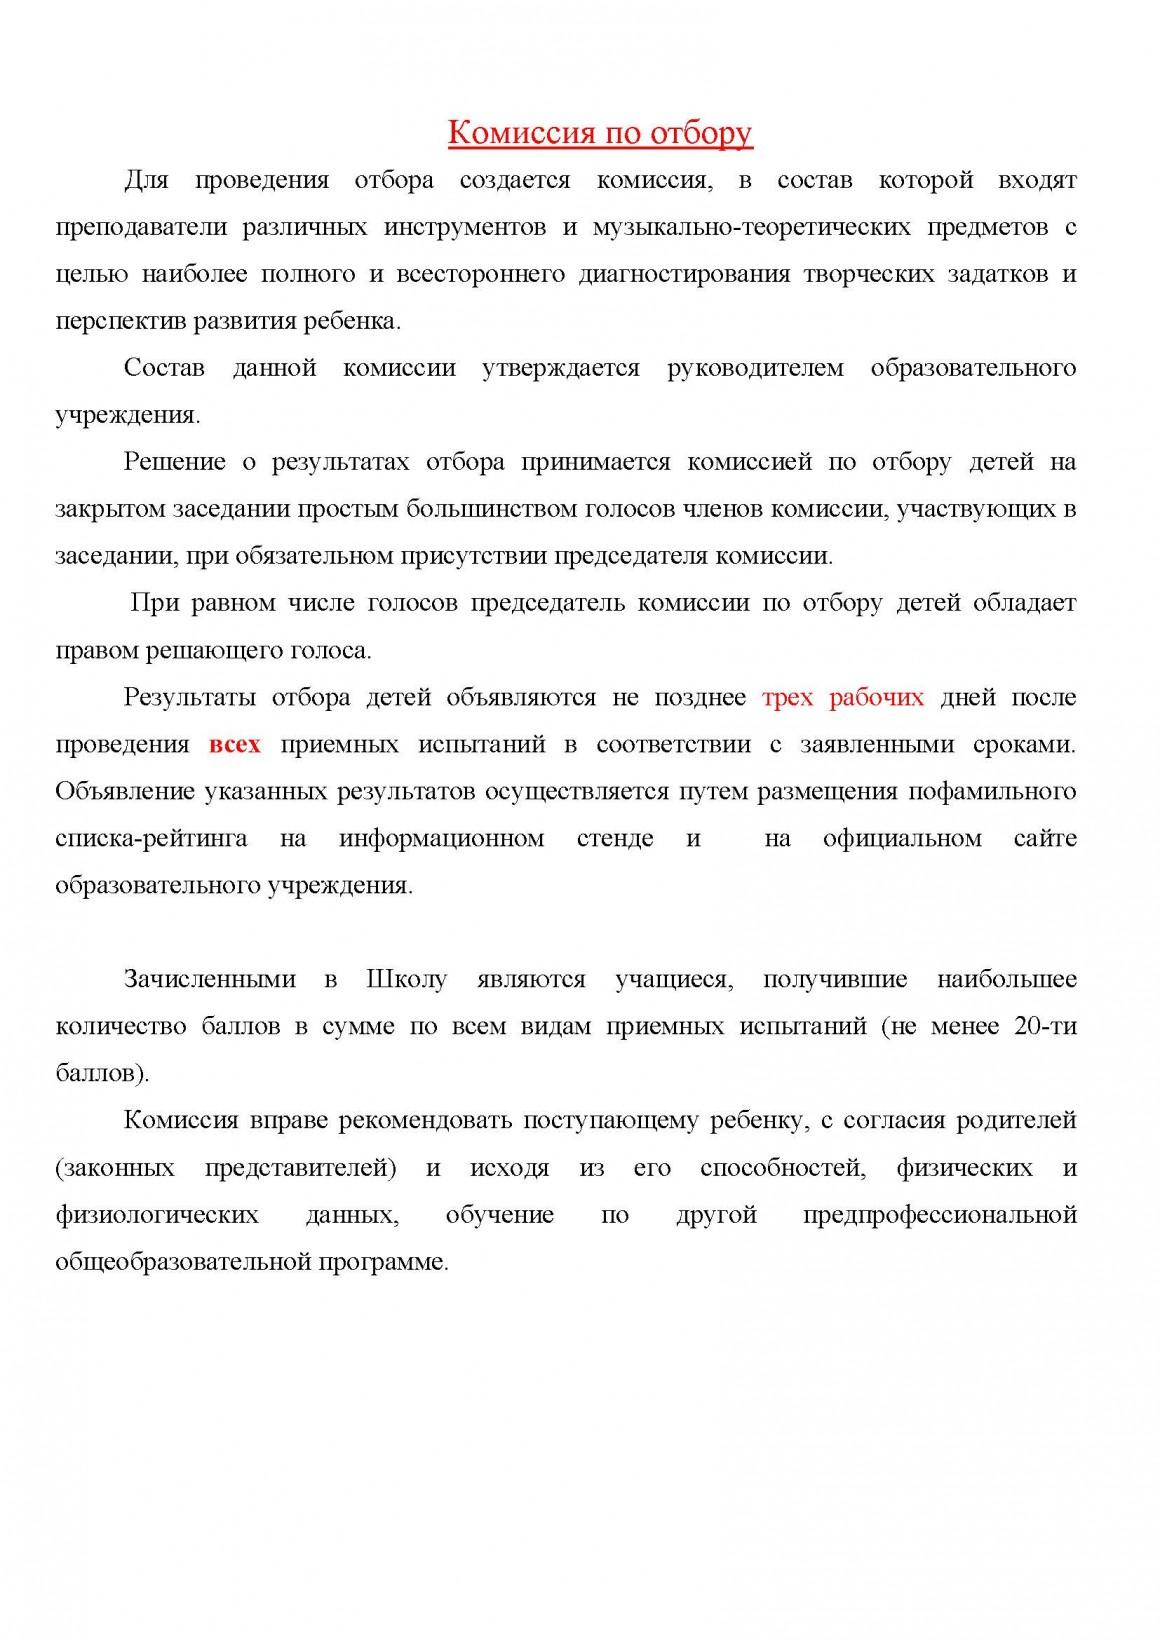 Информация по ПРИЕМУ 2018 на сайт доработано (1)_Страница_5